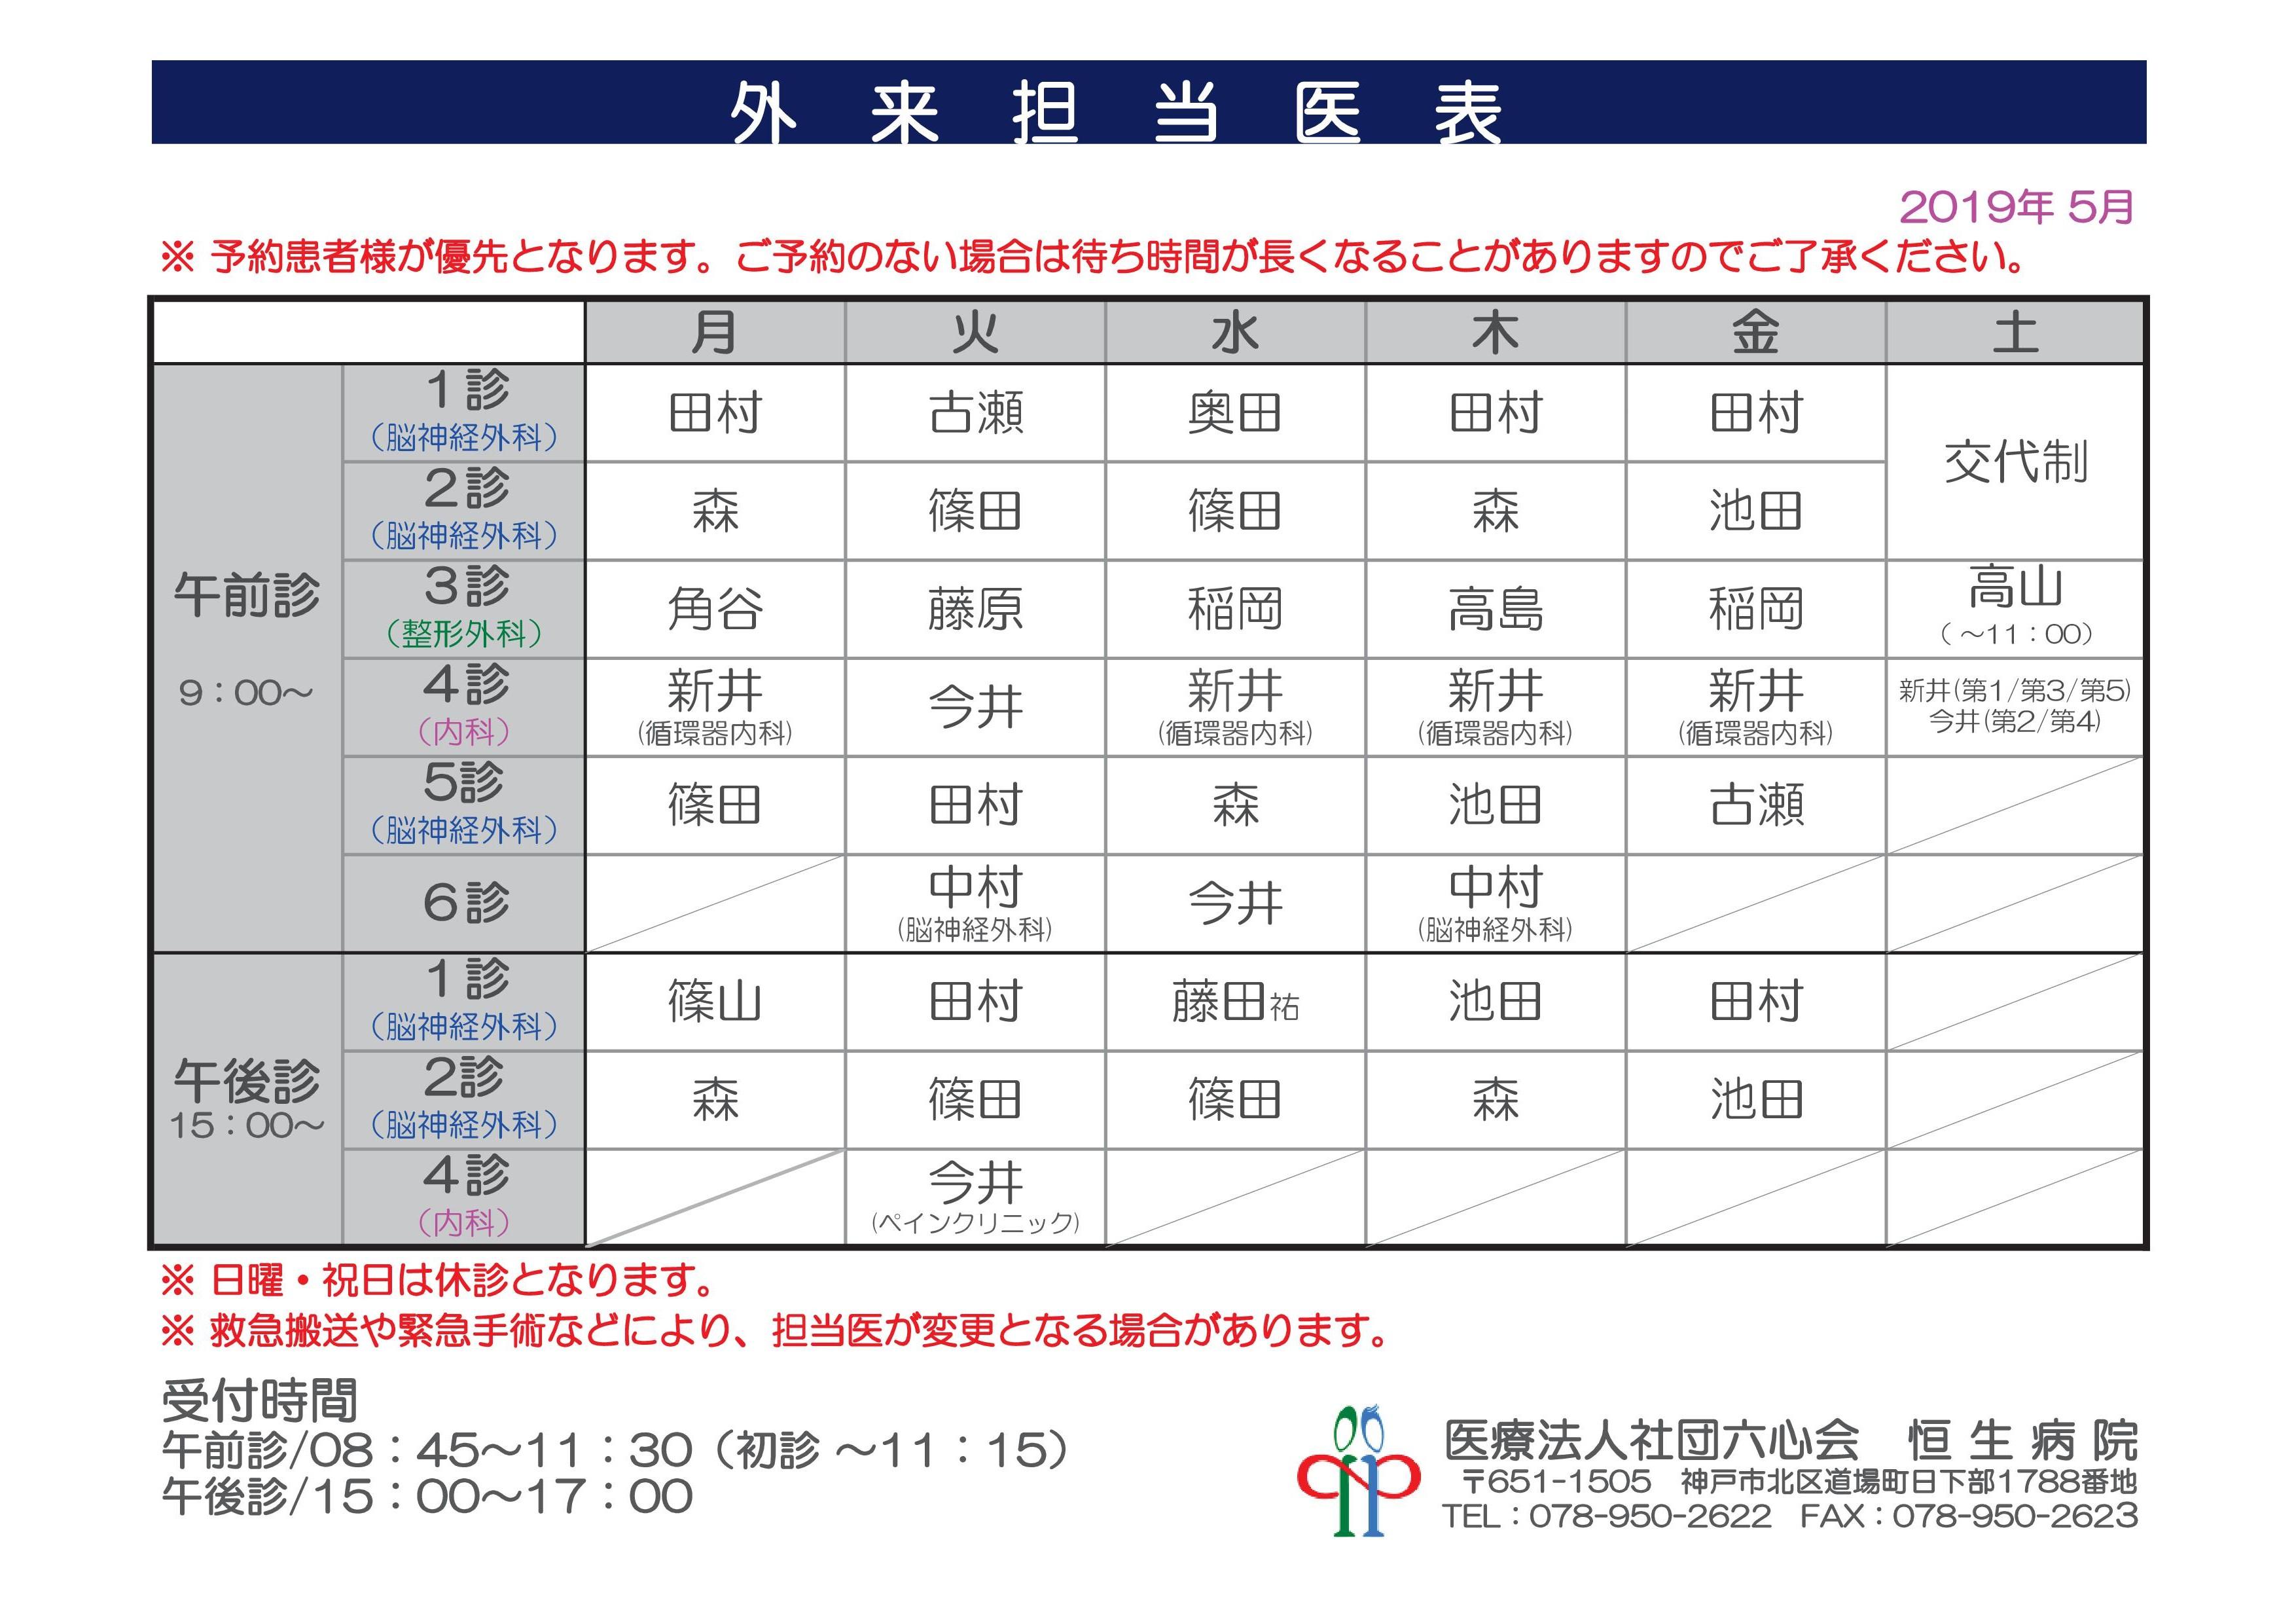 外来担当医表 2019.5(新).jpg